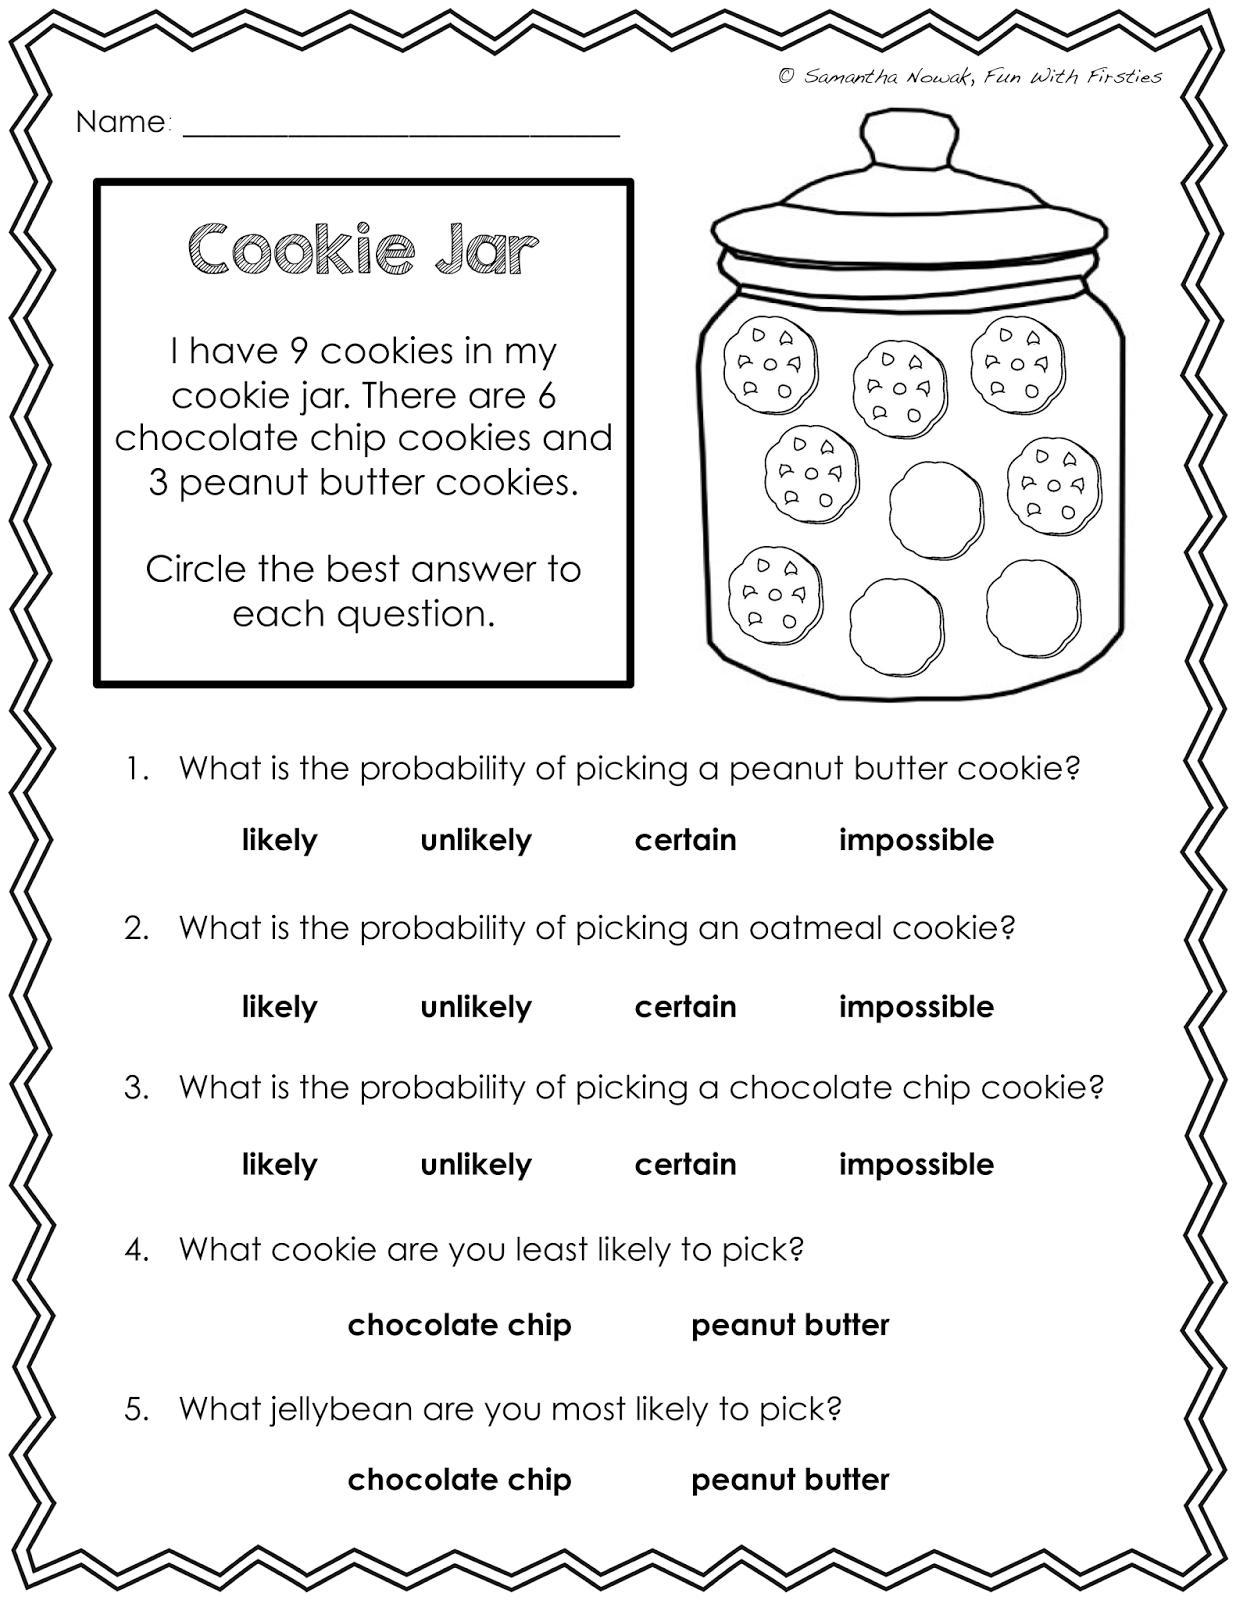 worksheets for grade 1 fun winter fun freebies matemáticas de escuela primaria worksheets for 1 grade fun